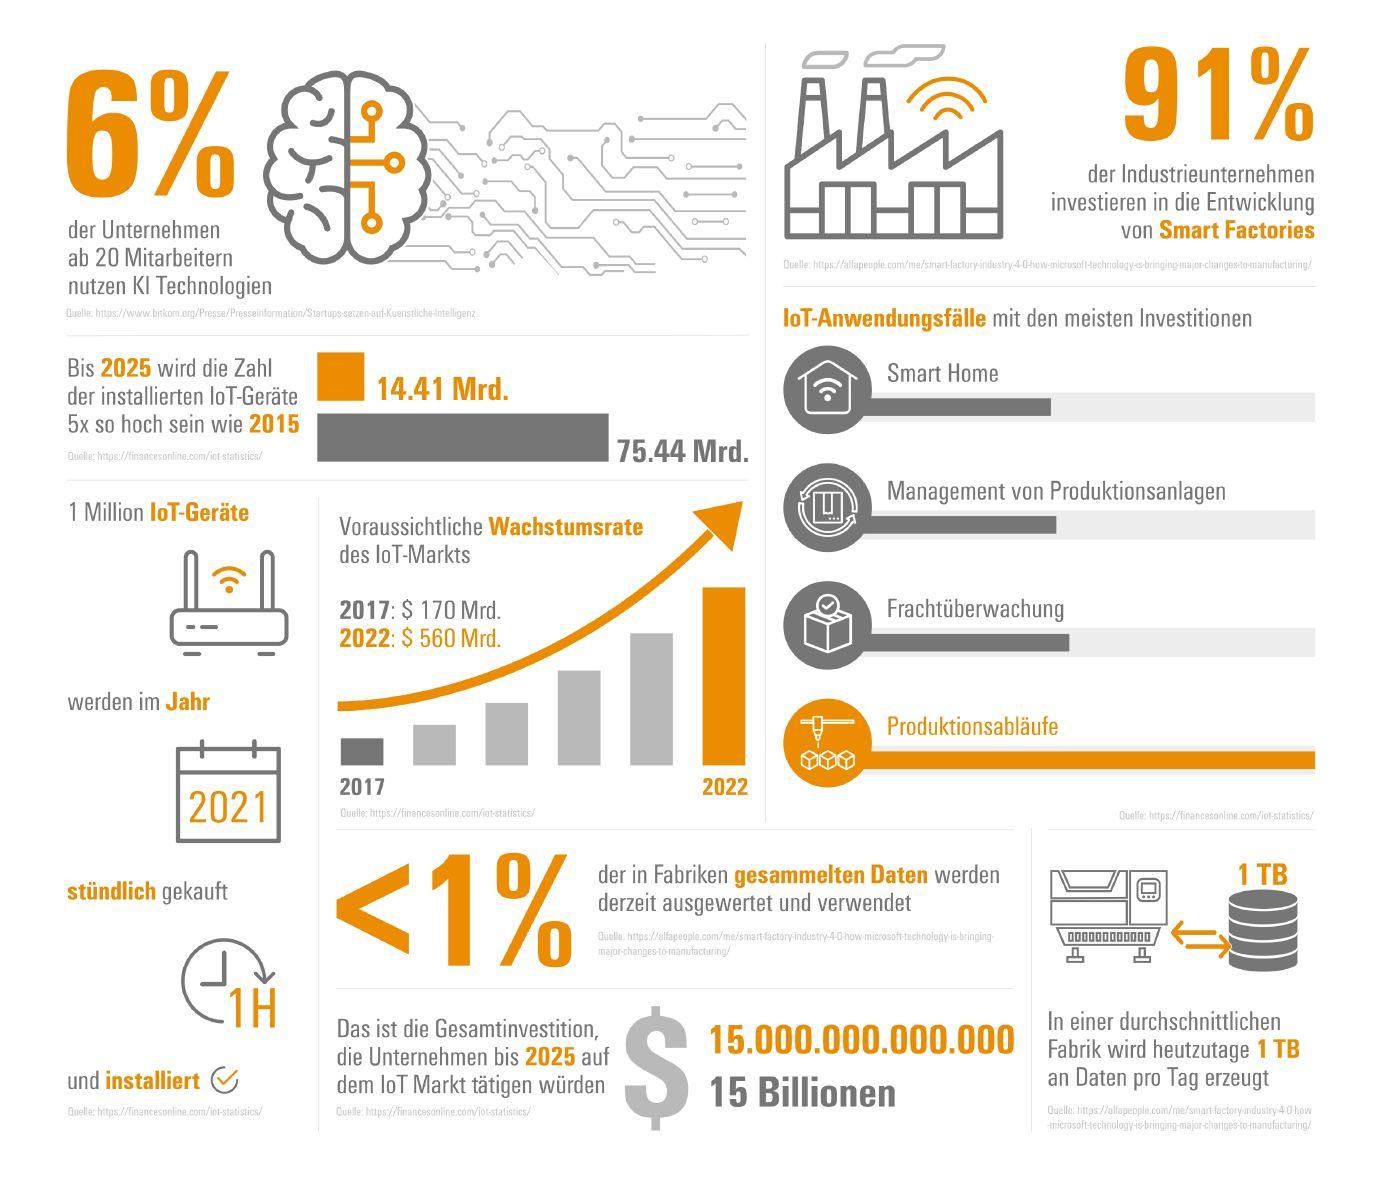 Industrial IoT – einige Zahlen und Fakten